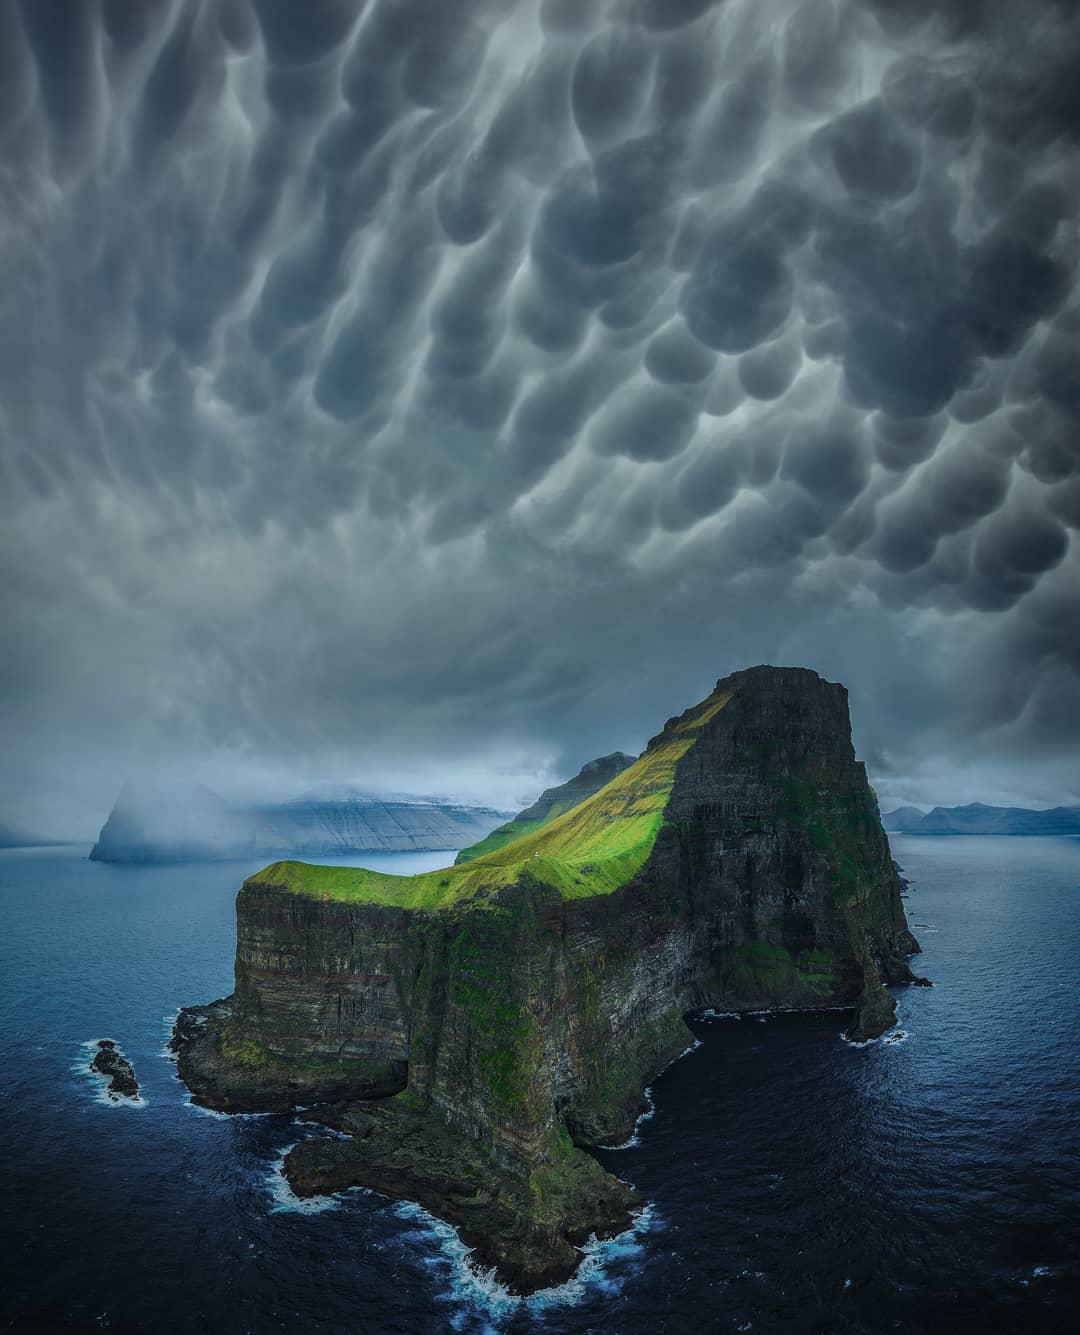 Штормы, молнии и звезды на пейзажных снимках Брента Шавнора